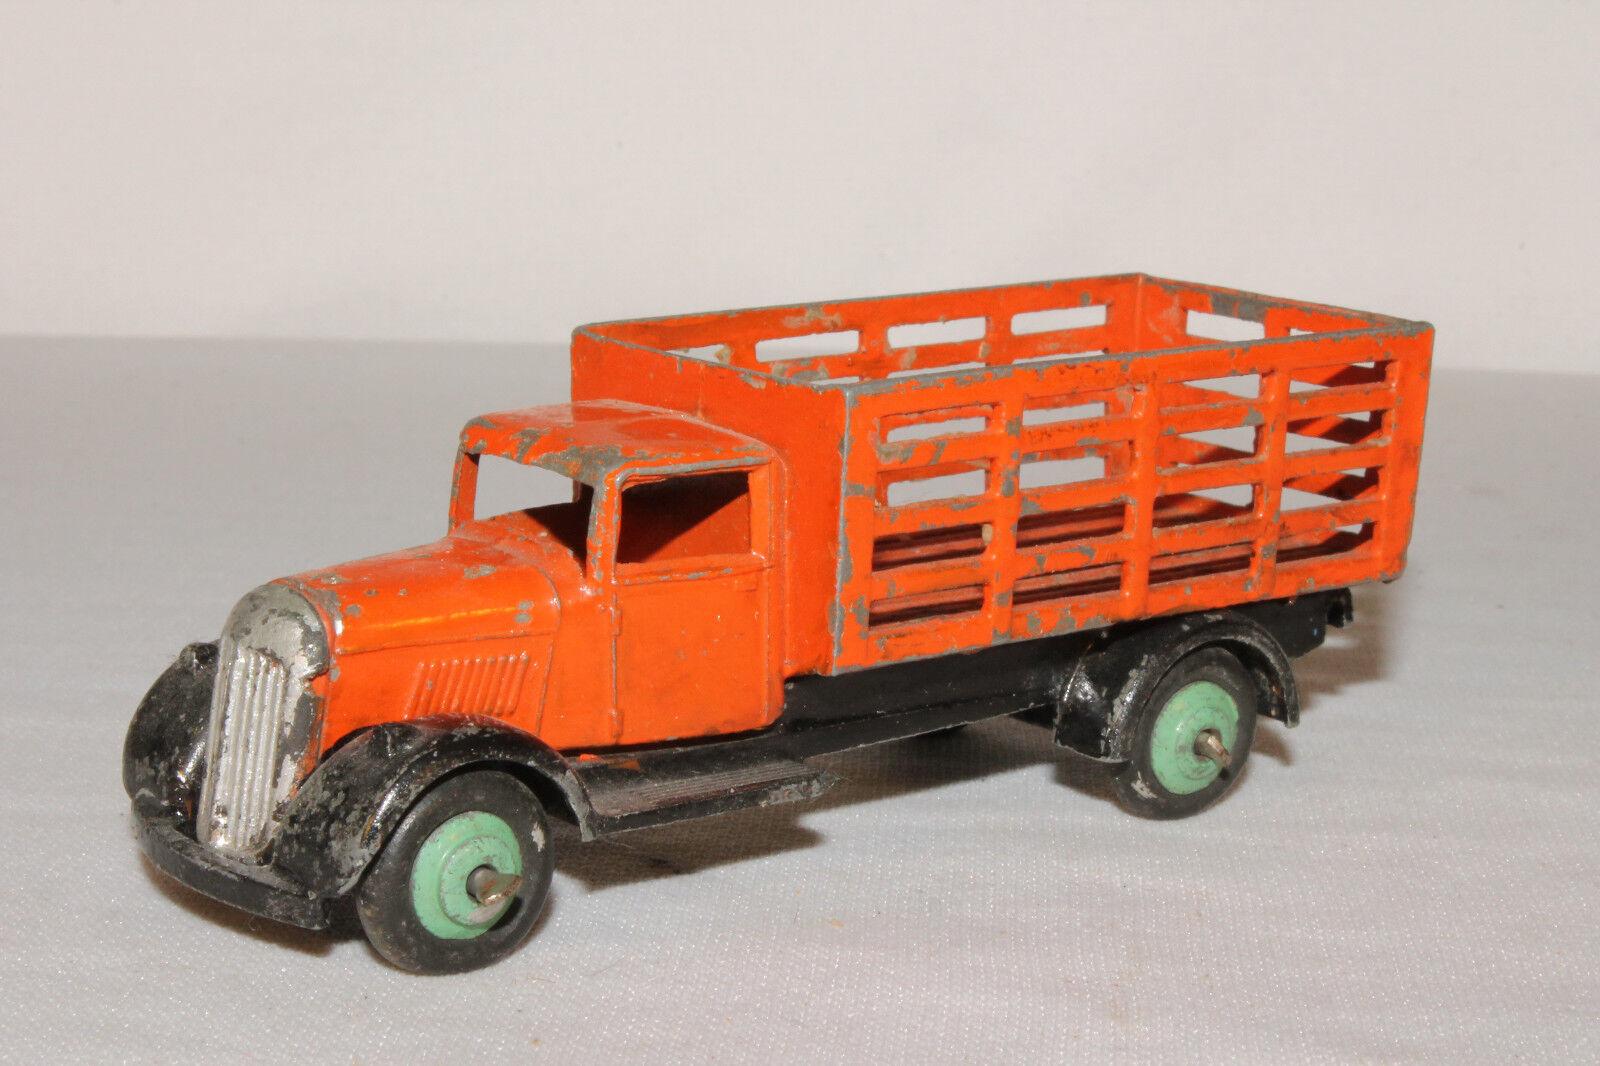 594ms Dinky 25f, Jardinegros Estacas Camión, Naranja y Negro, verde Cubos ,